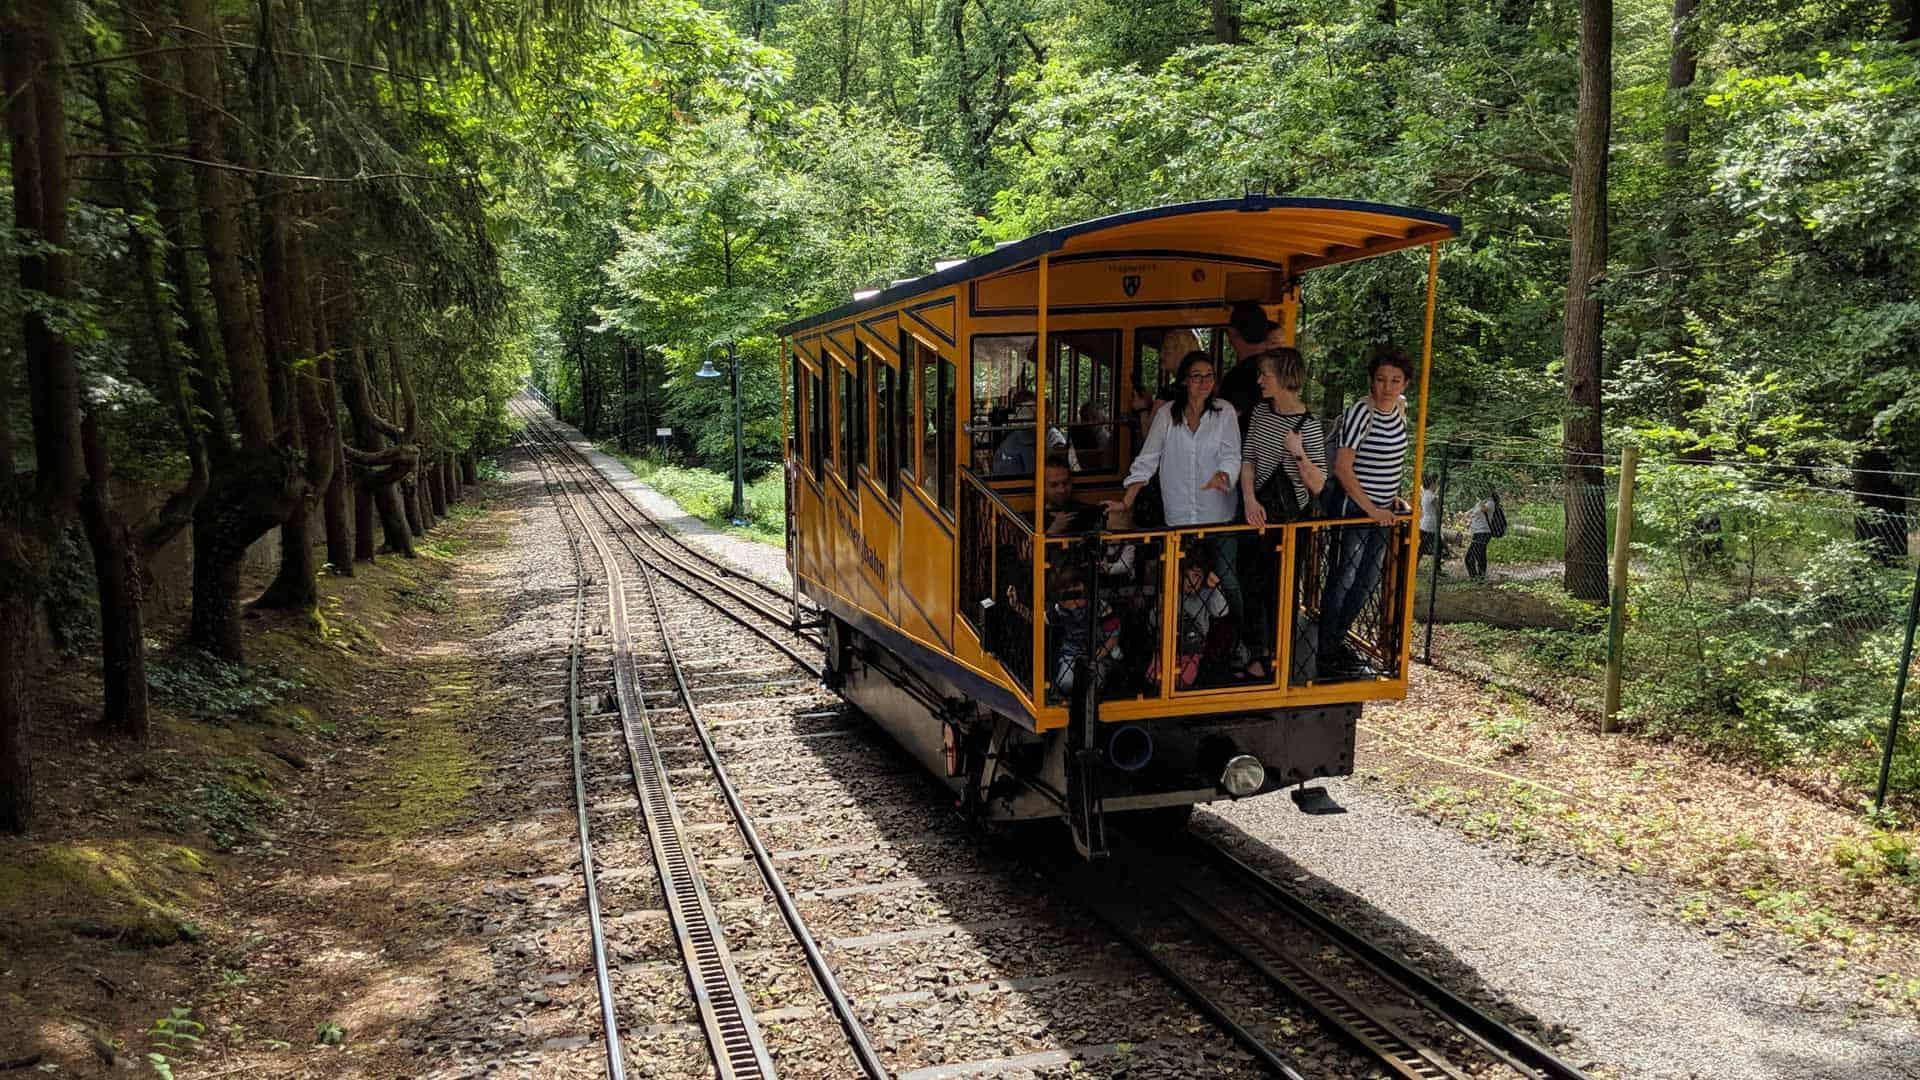 The Nerobergbahn going uphill